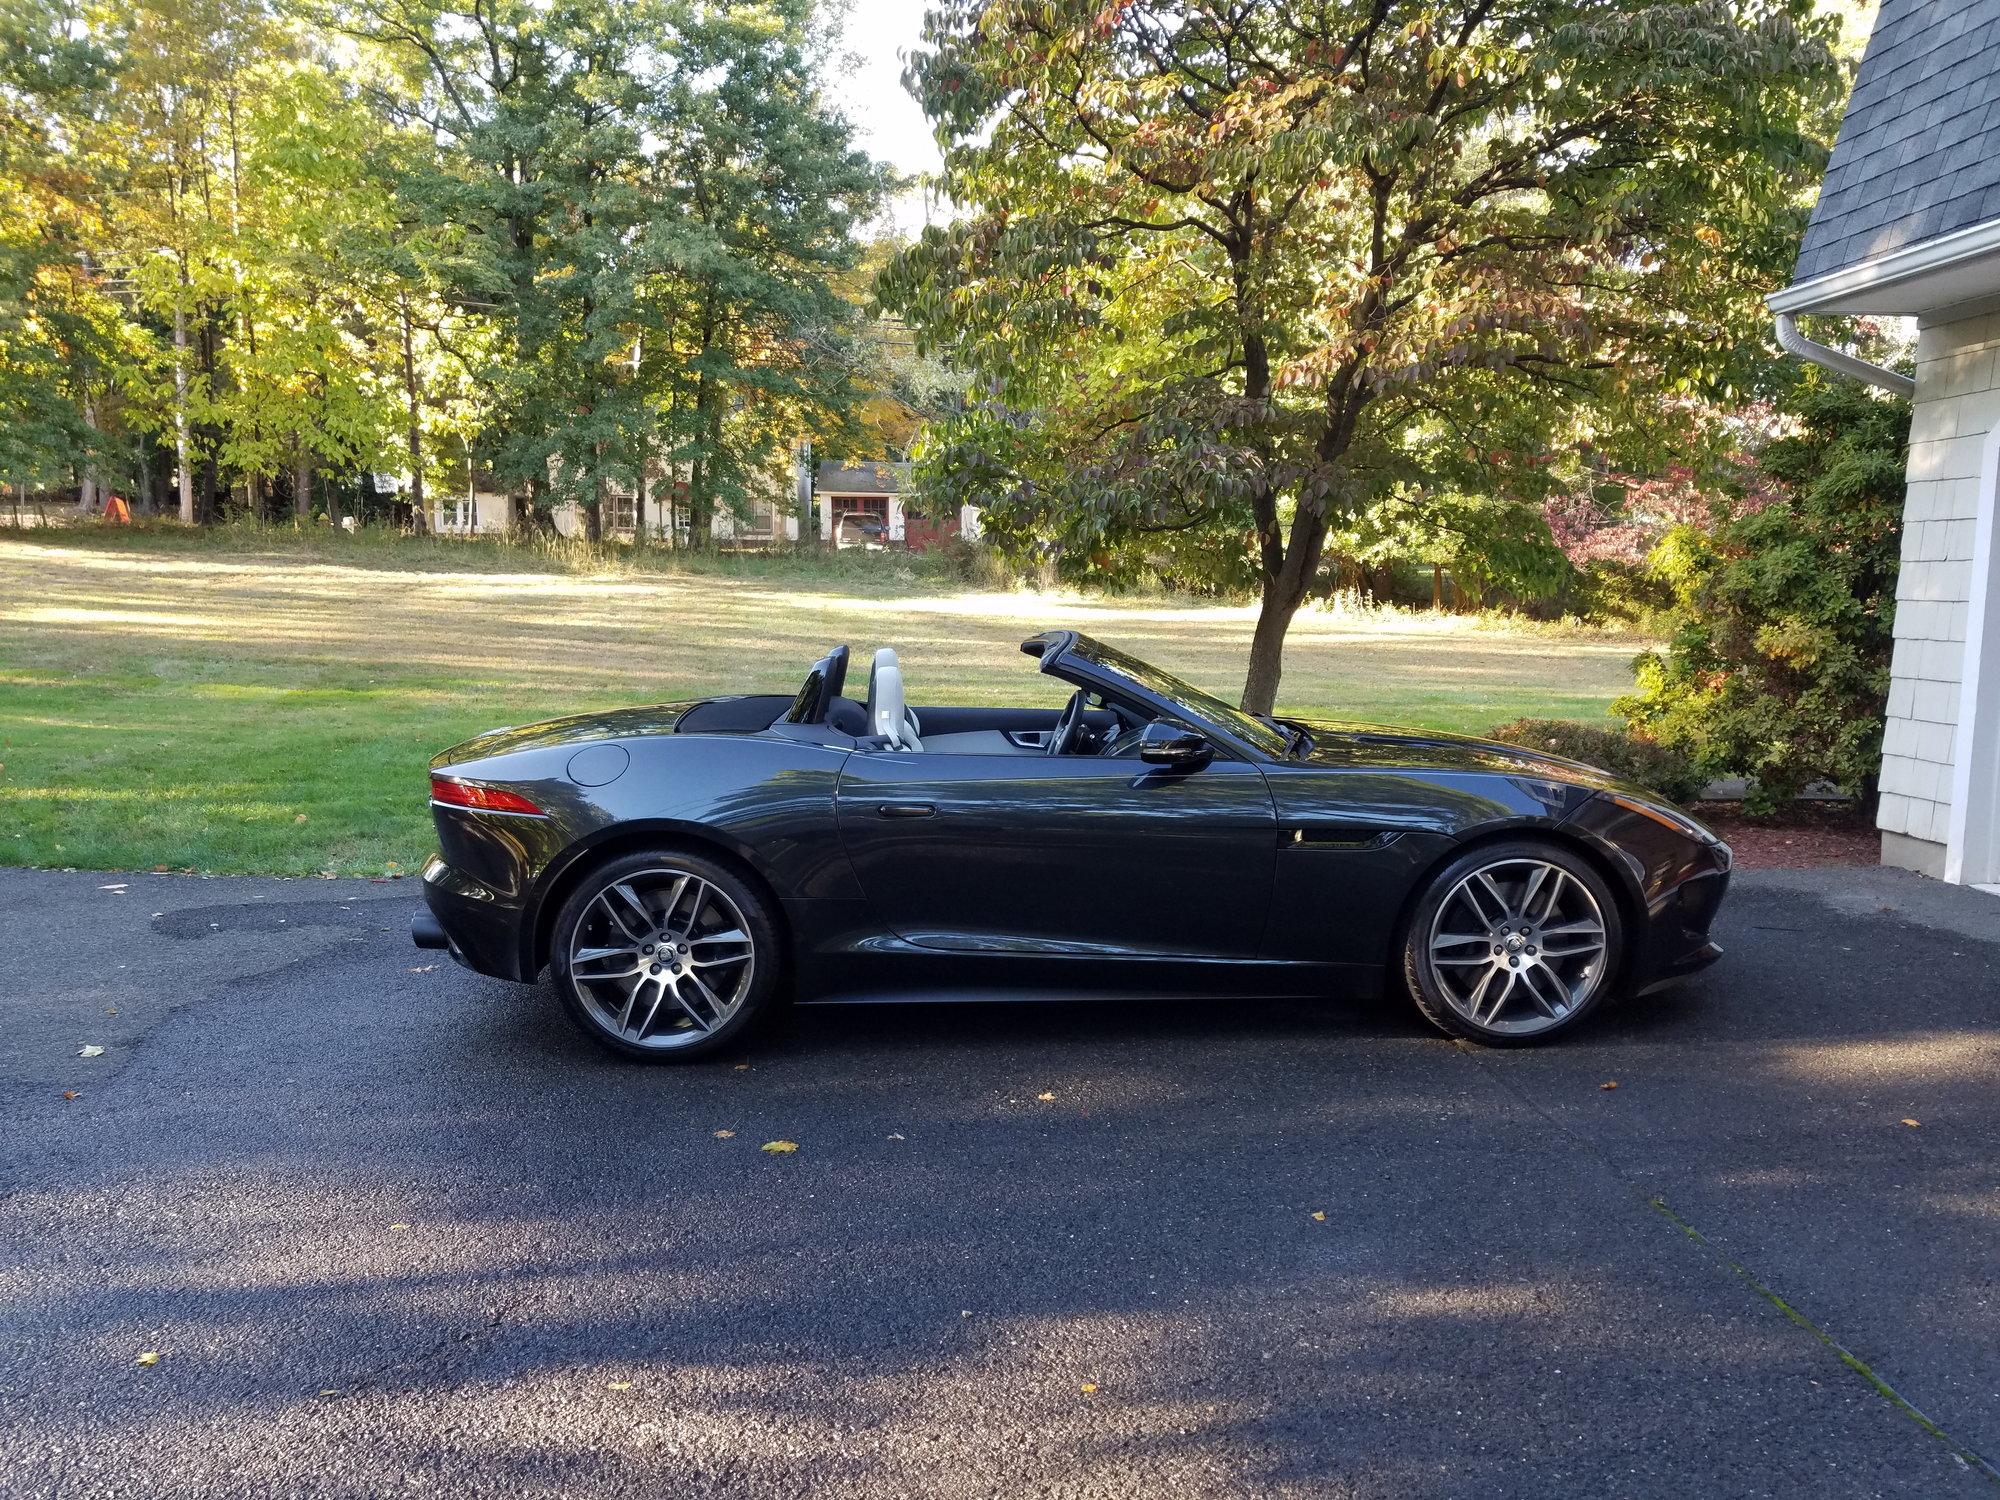 Put on the Quicksilver exhaust - Jaguar Forums - Jaguar Enthusiasts